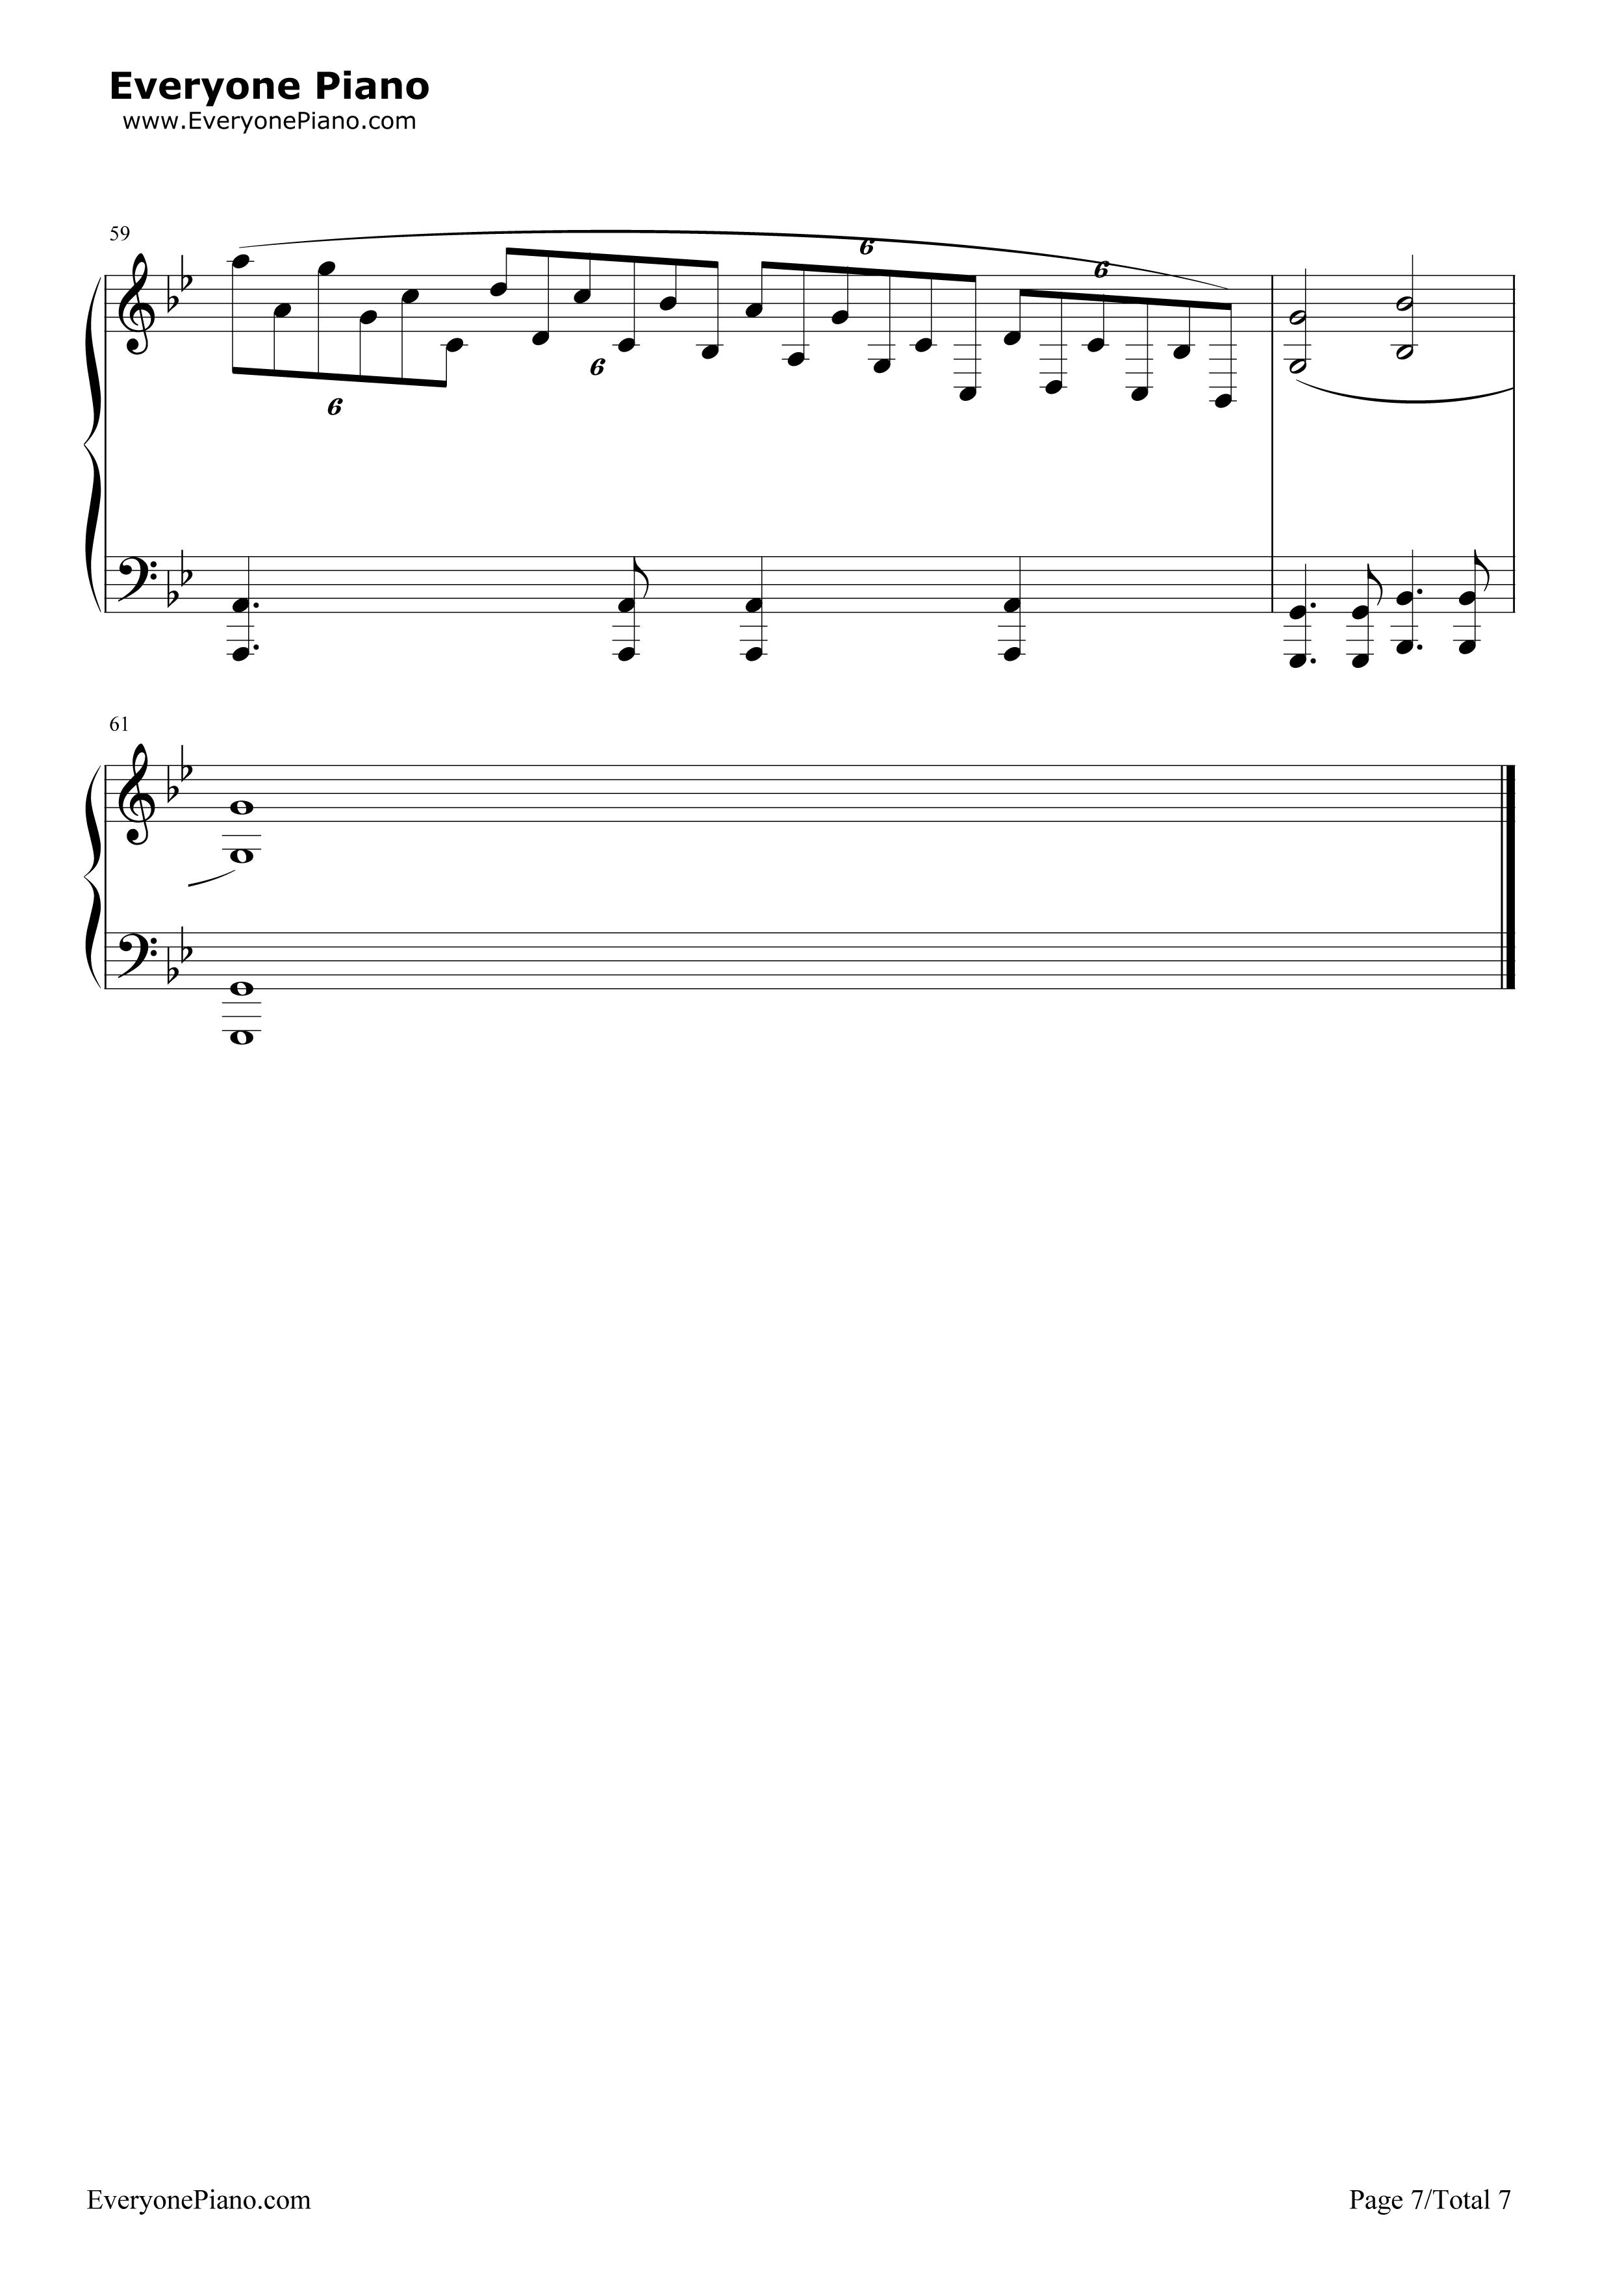 钢琴曲谱 经典 梦中的婚礼-改编版-理查德克莱德曼 梦中的婚礼-改编版